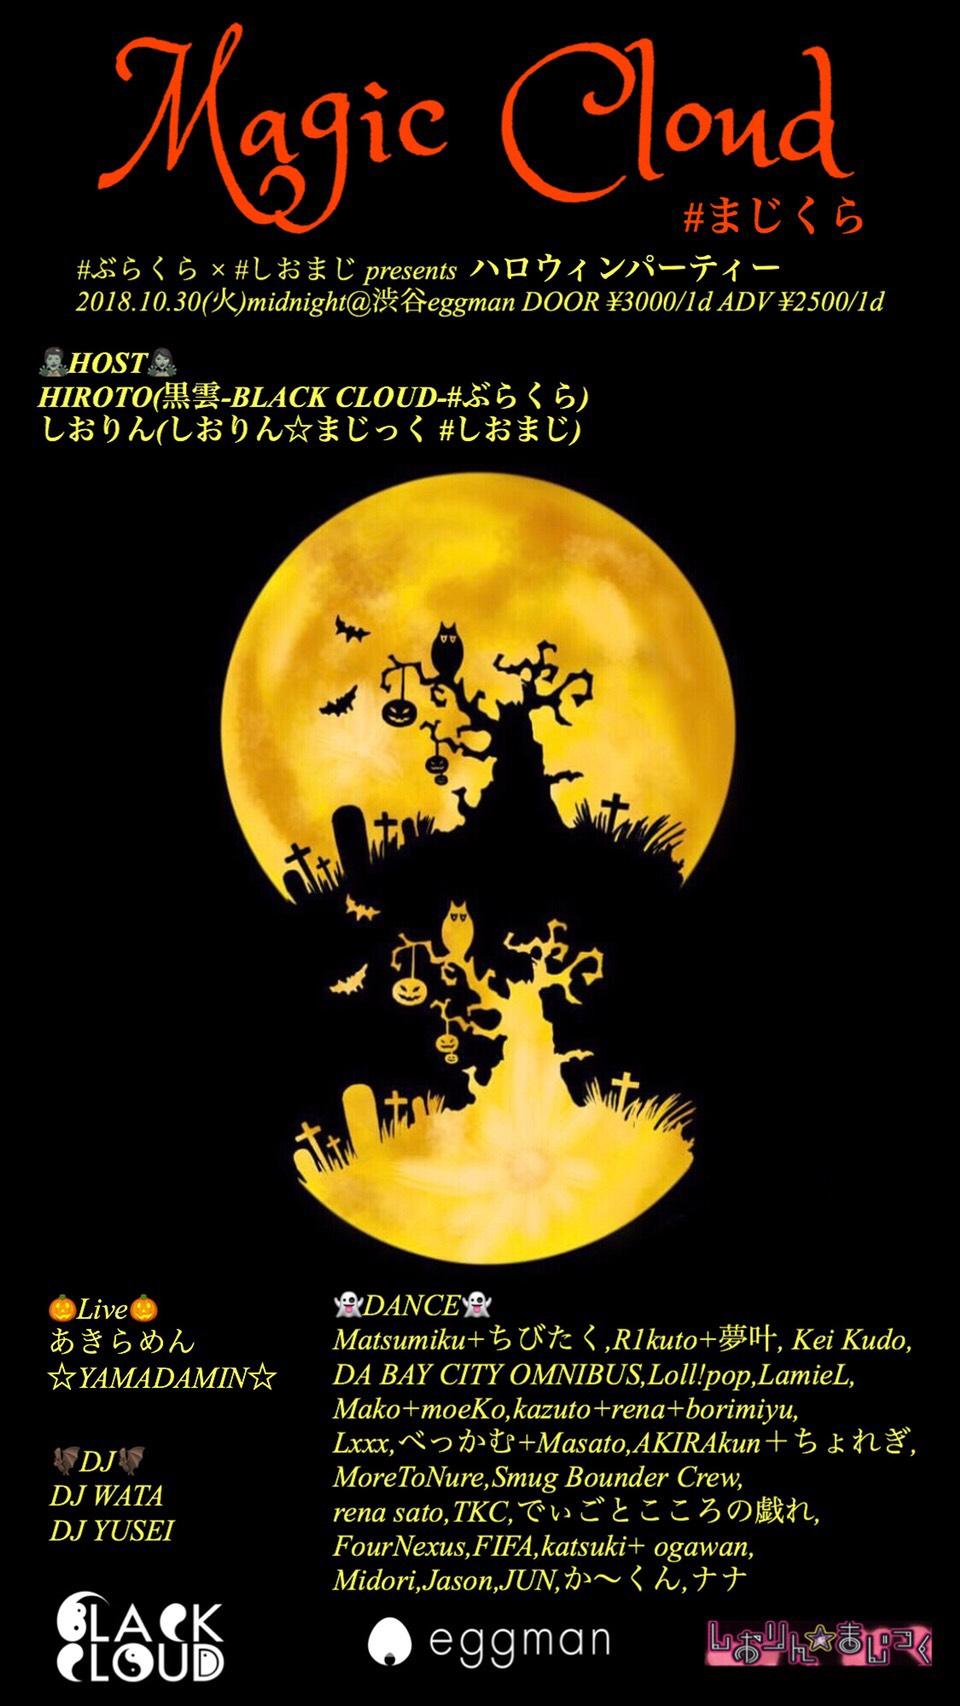 Magic Cloud  #まじくら<br>#ぶらくら × #しおまじ presents ハロウィンパーティ